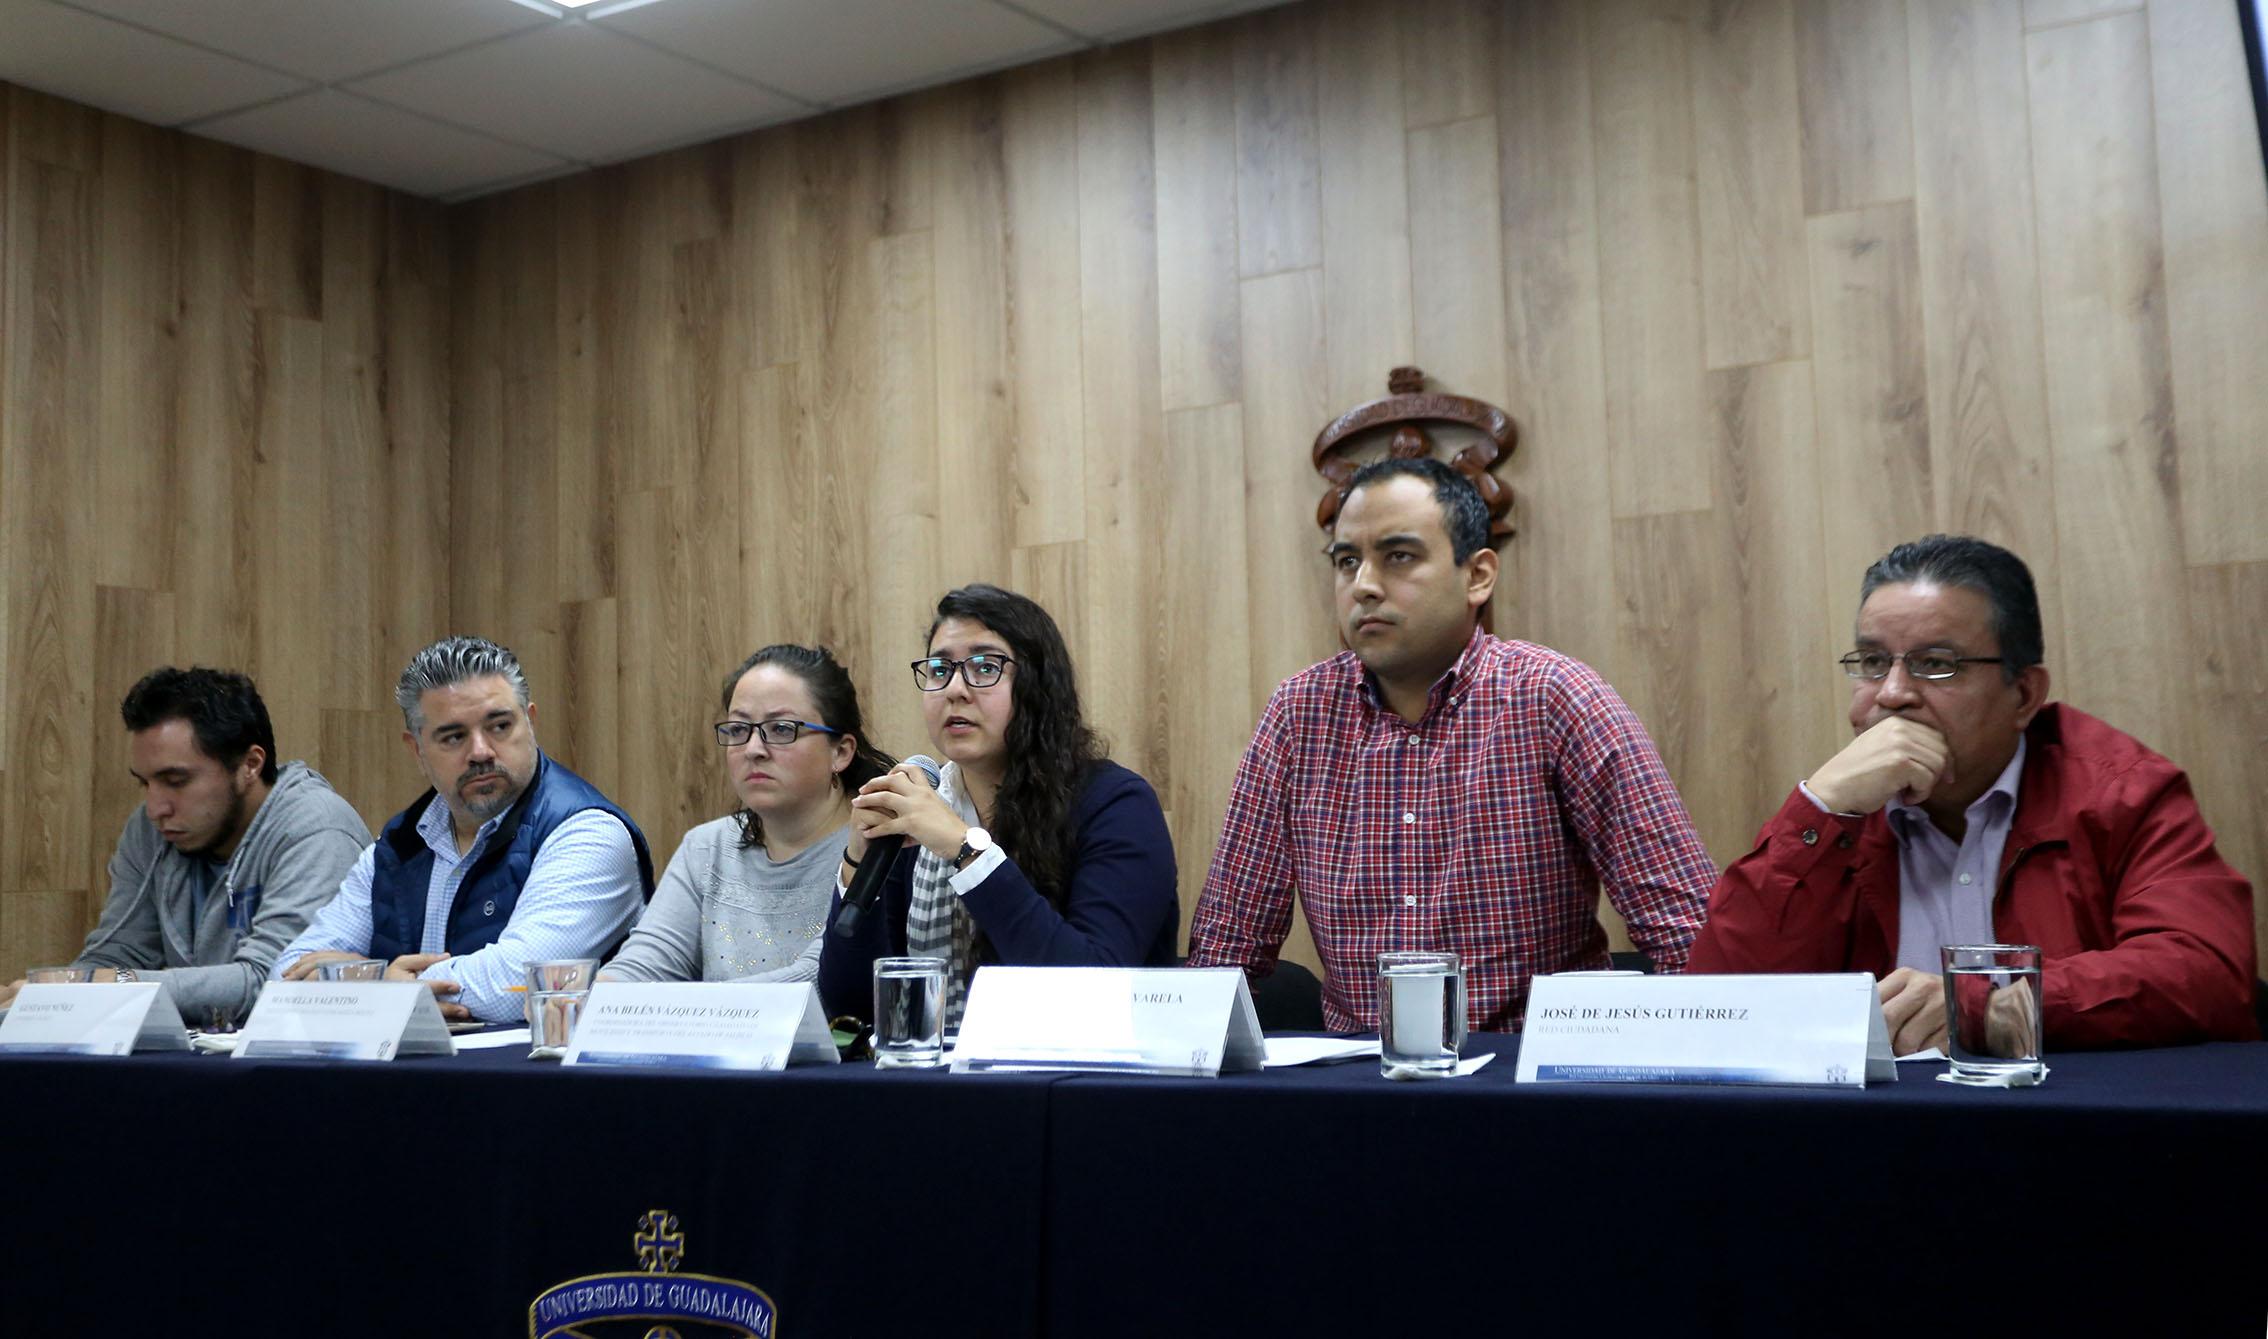 Ana Belén Vázquez Vázquez hablando con los reporteros mientras el resto de la mesa de presidium la escucha vista lateral